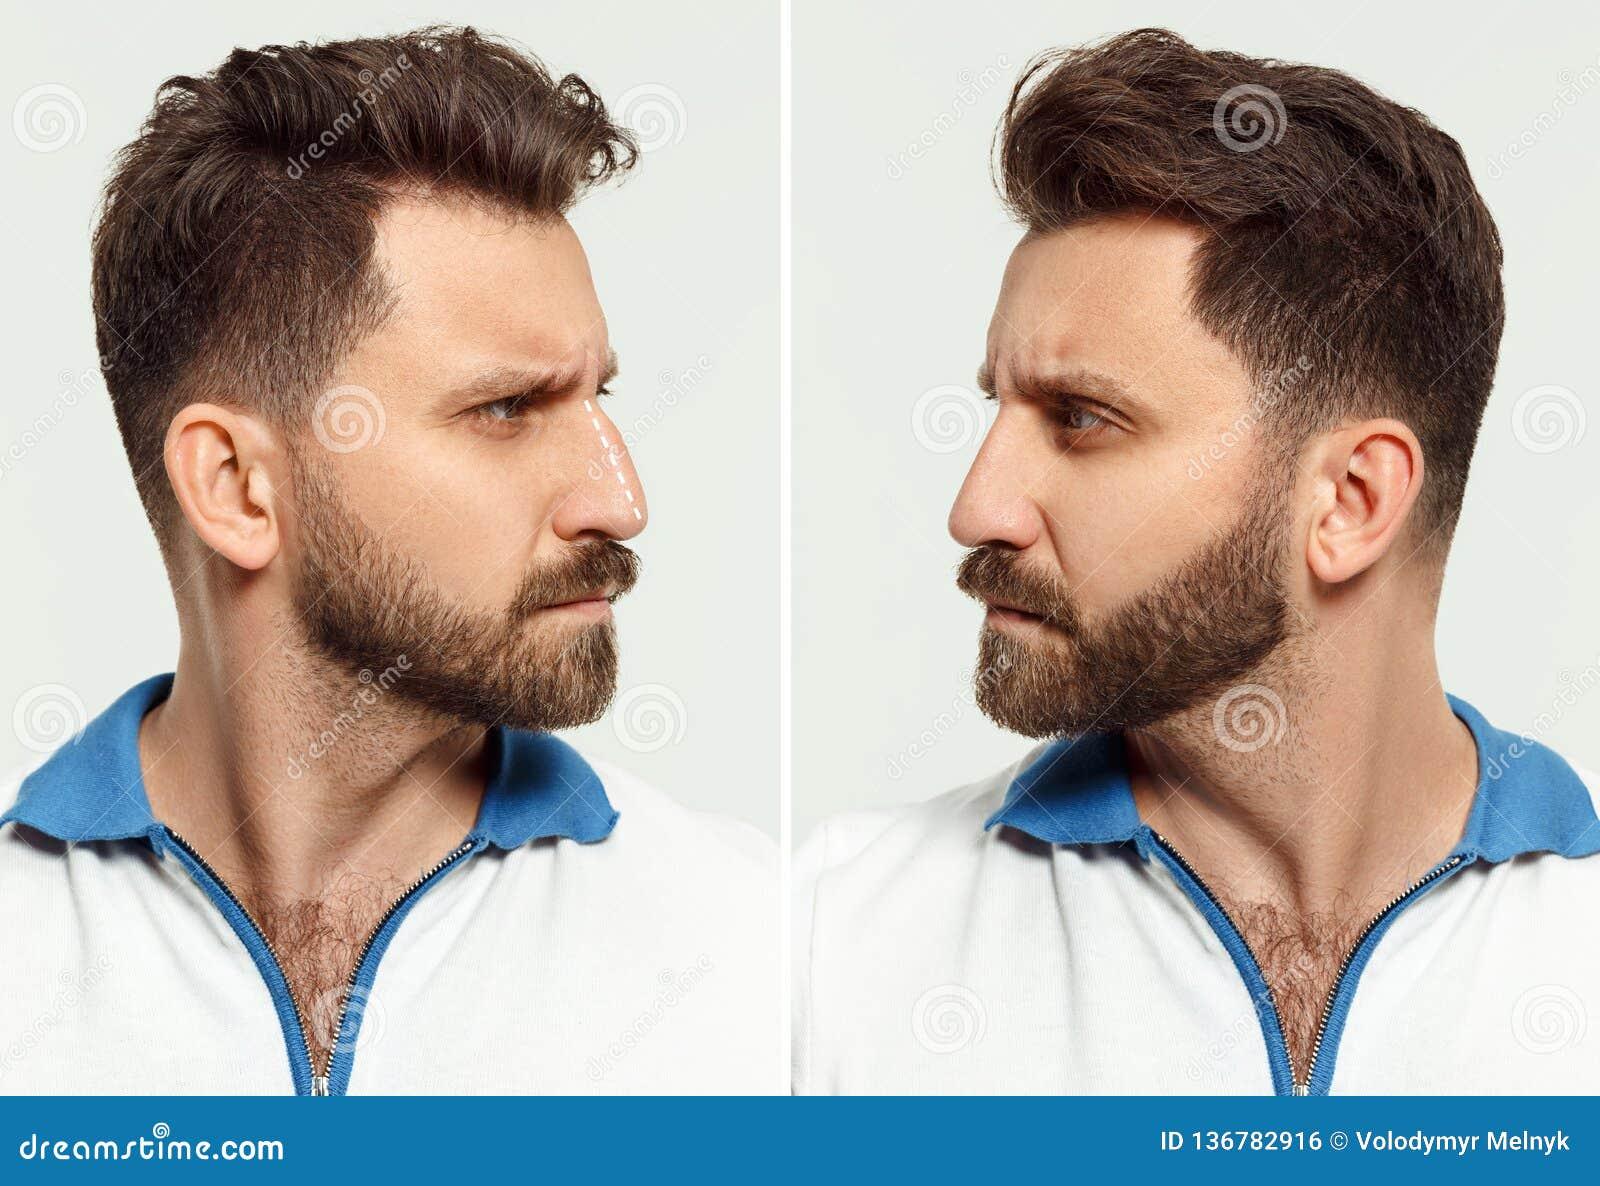 Das männliche Gesicht vor und nach kosmetischer Nasenchirurgie in weißem mit buntem Kranz auf Kopf